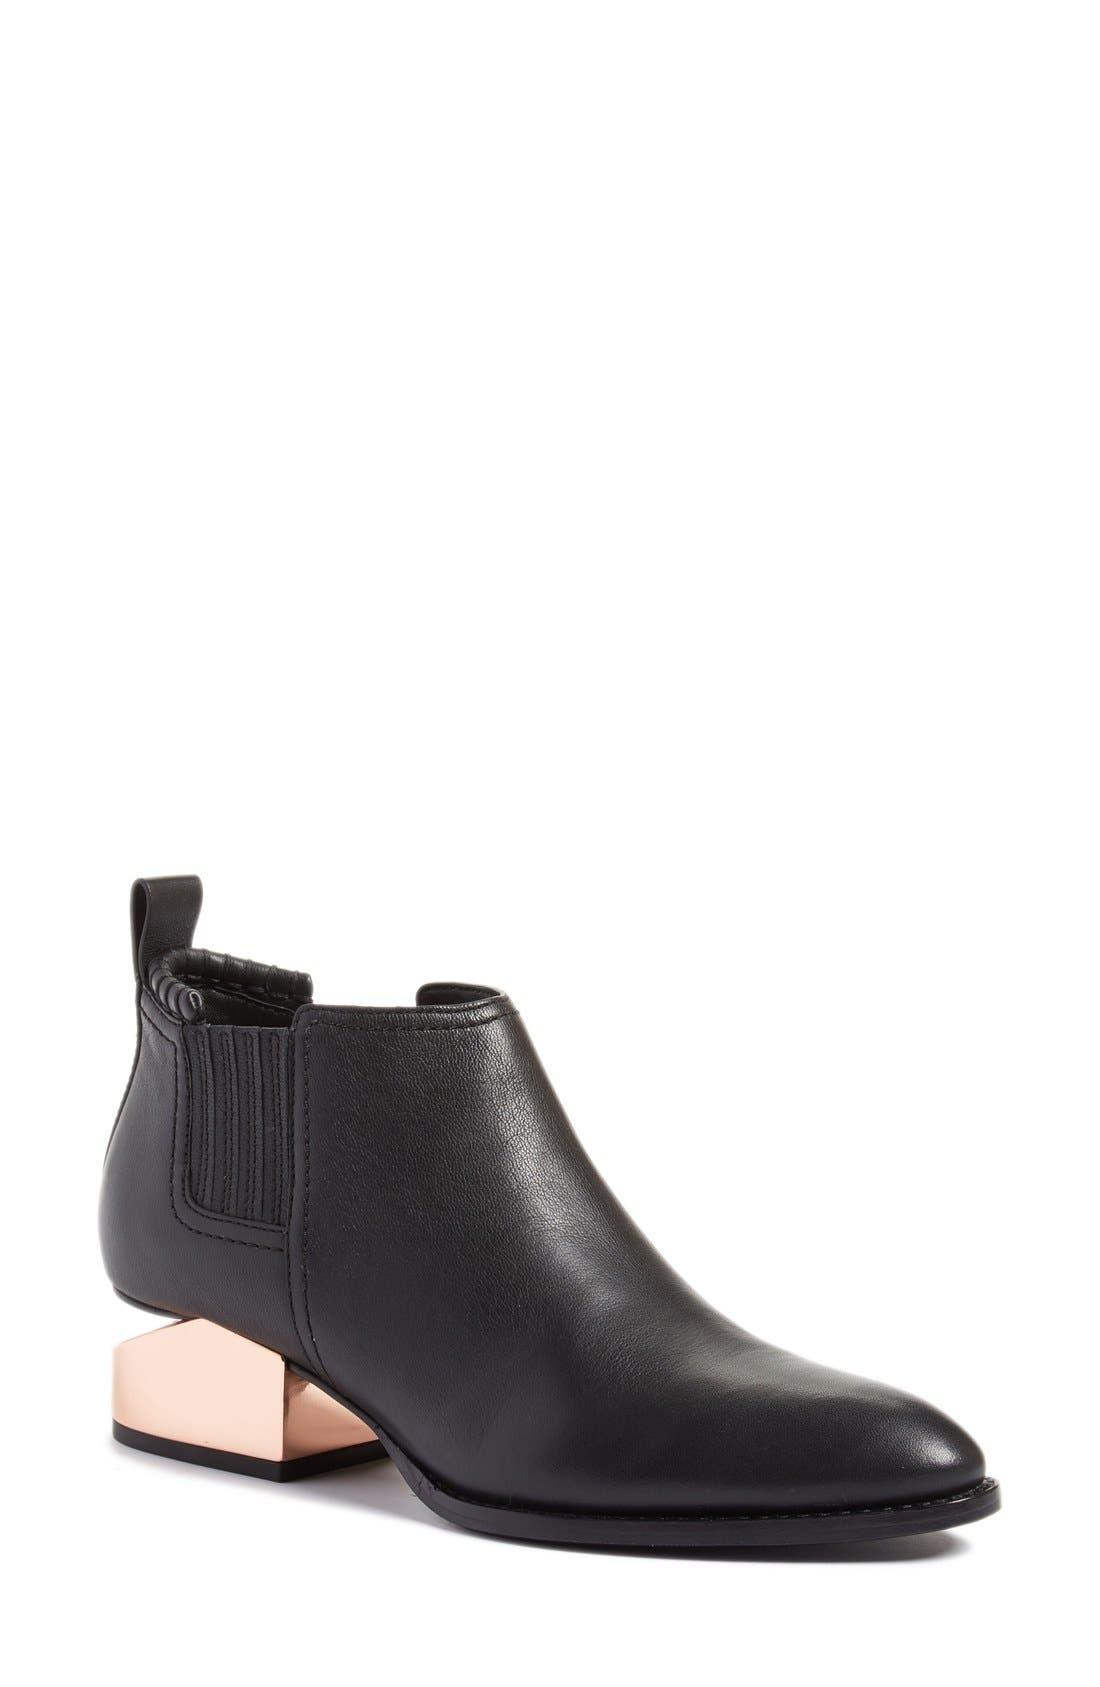 Kori Chelsea Boot,                             Main thumbnail 1, color,                             Black